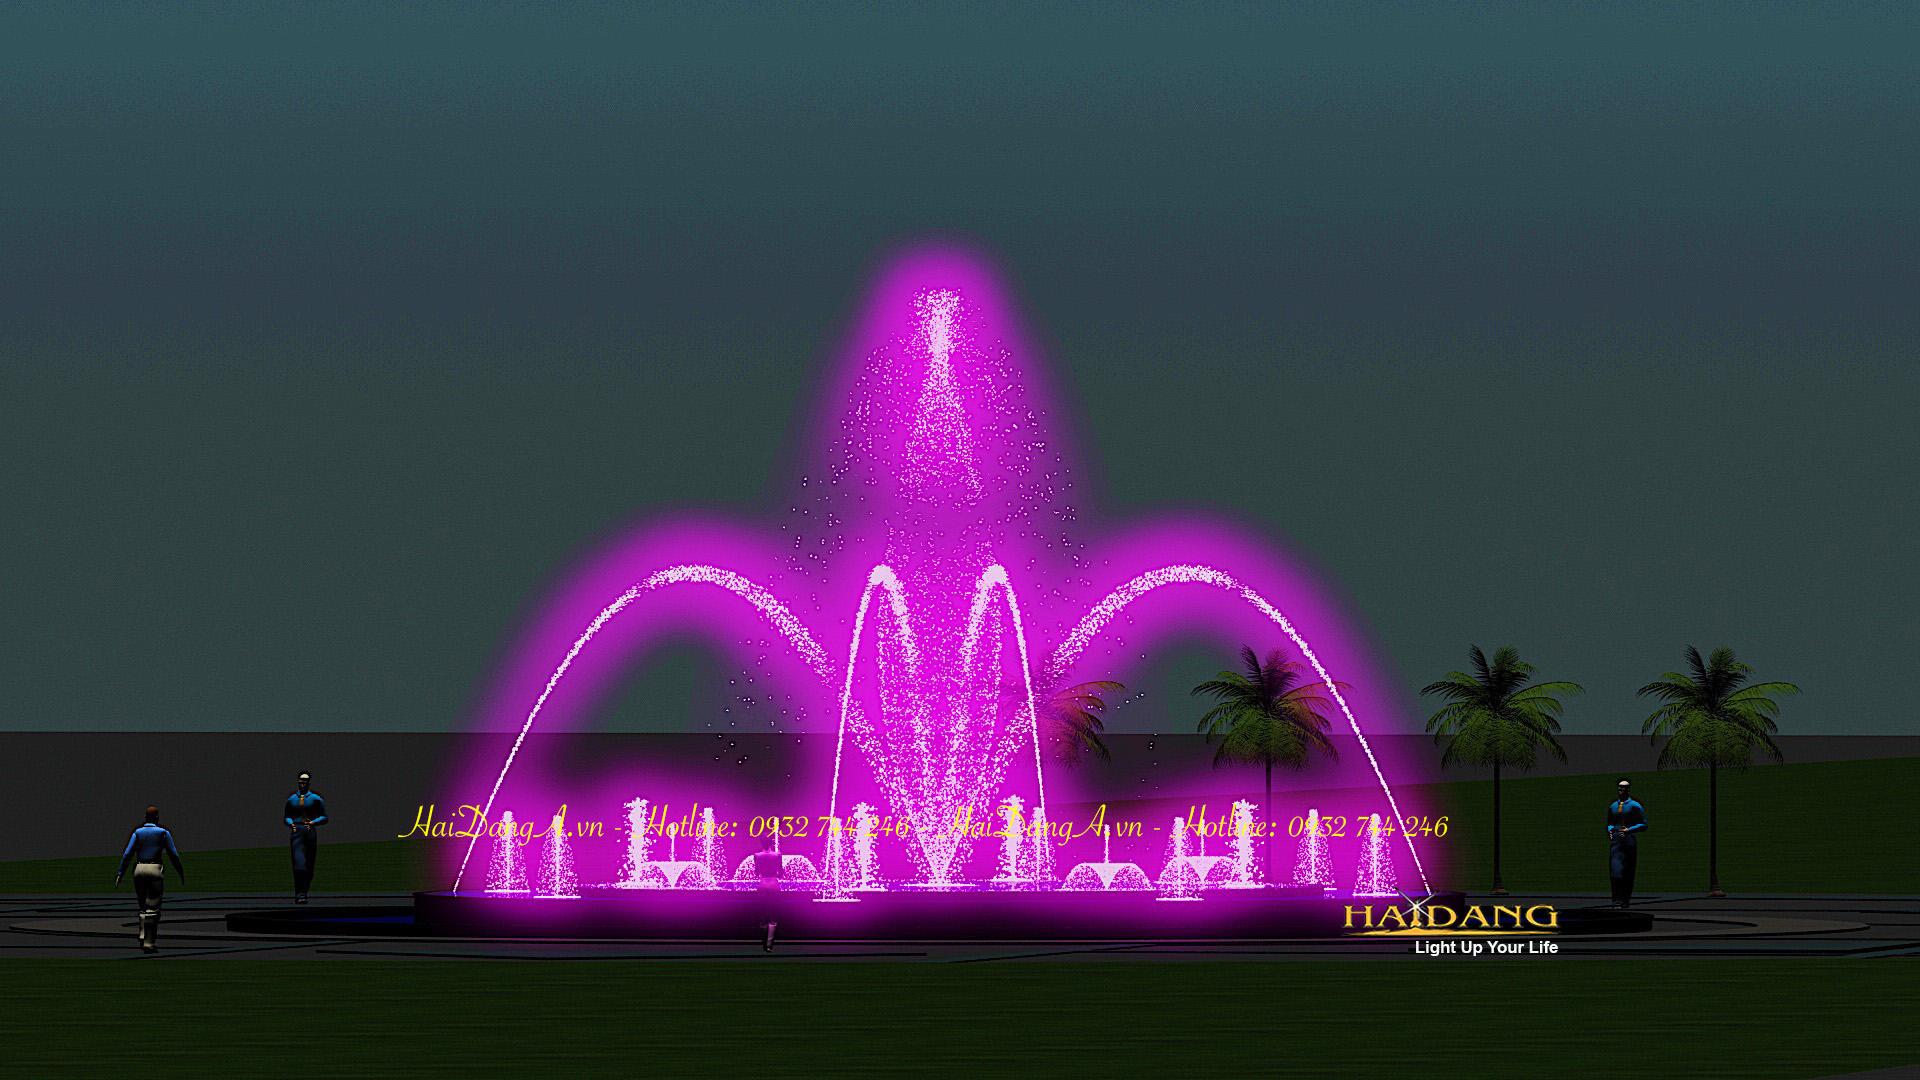 Hệ thống nhạc nước đài phun nước nghệ thuật do Hải Đăng thiết kế với vòi phun hình cầu vồng sủi bọt hoa loa kèn và biến đổi đa chức năng tại tâm